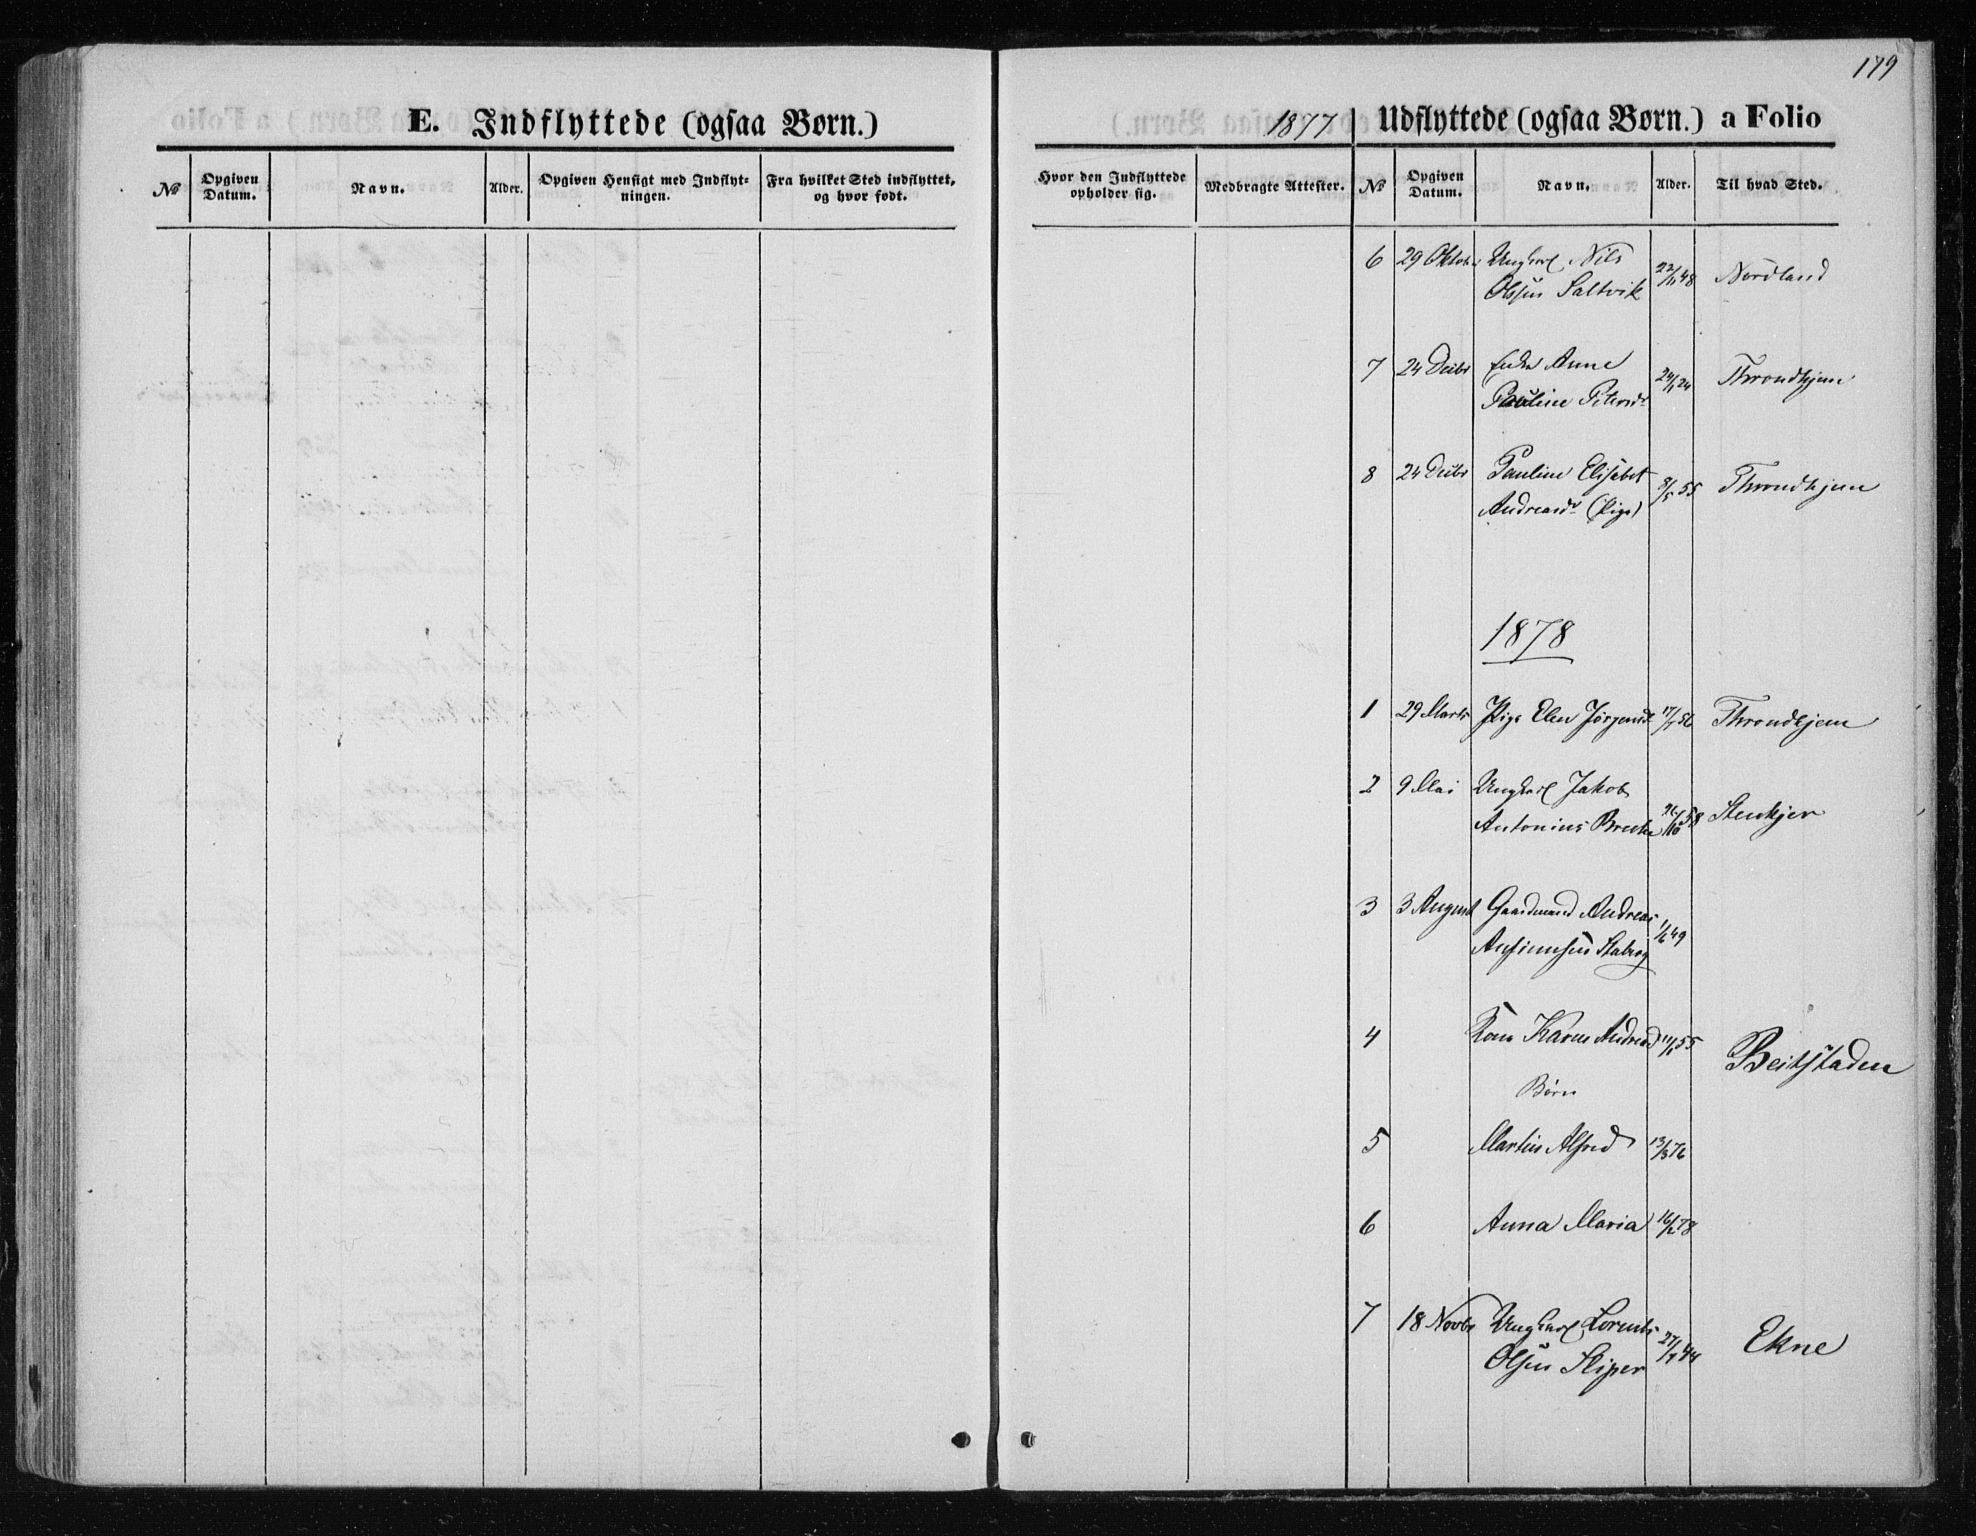 SAT, Ministerialprotokoller, klokkerbøker og fødselsregistre - Nord-Trøndelag, 733/L0324: Ministerialbok nr. 733A03, 1870-1883, s. 179